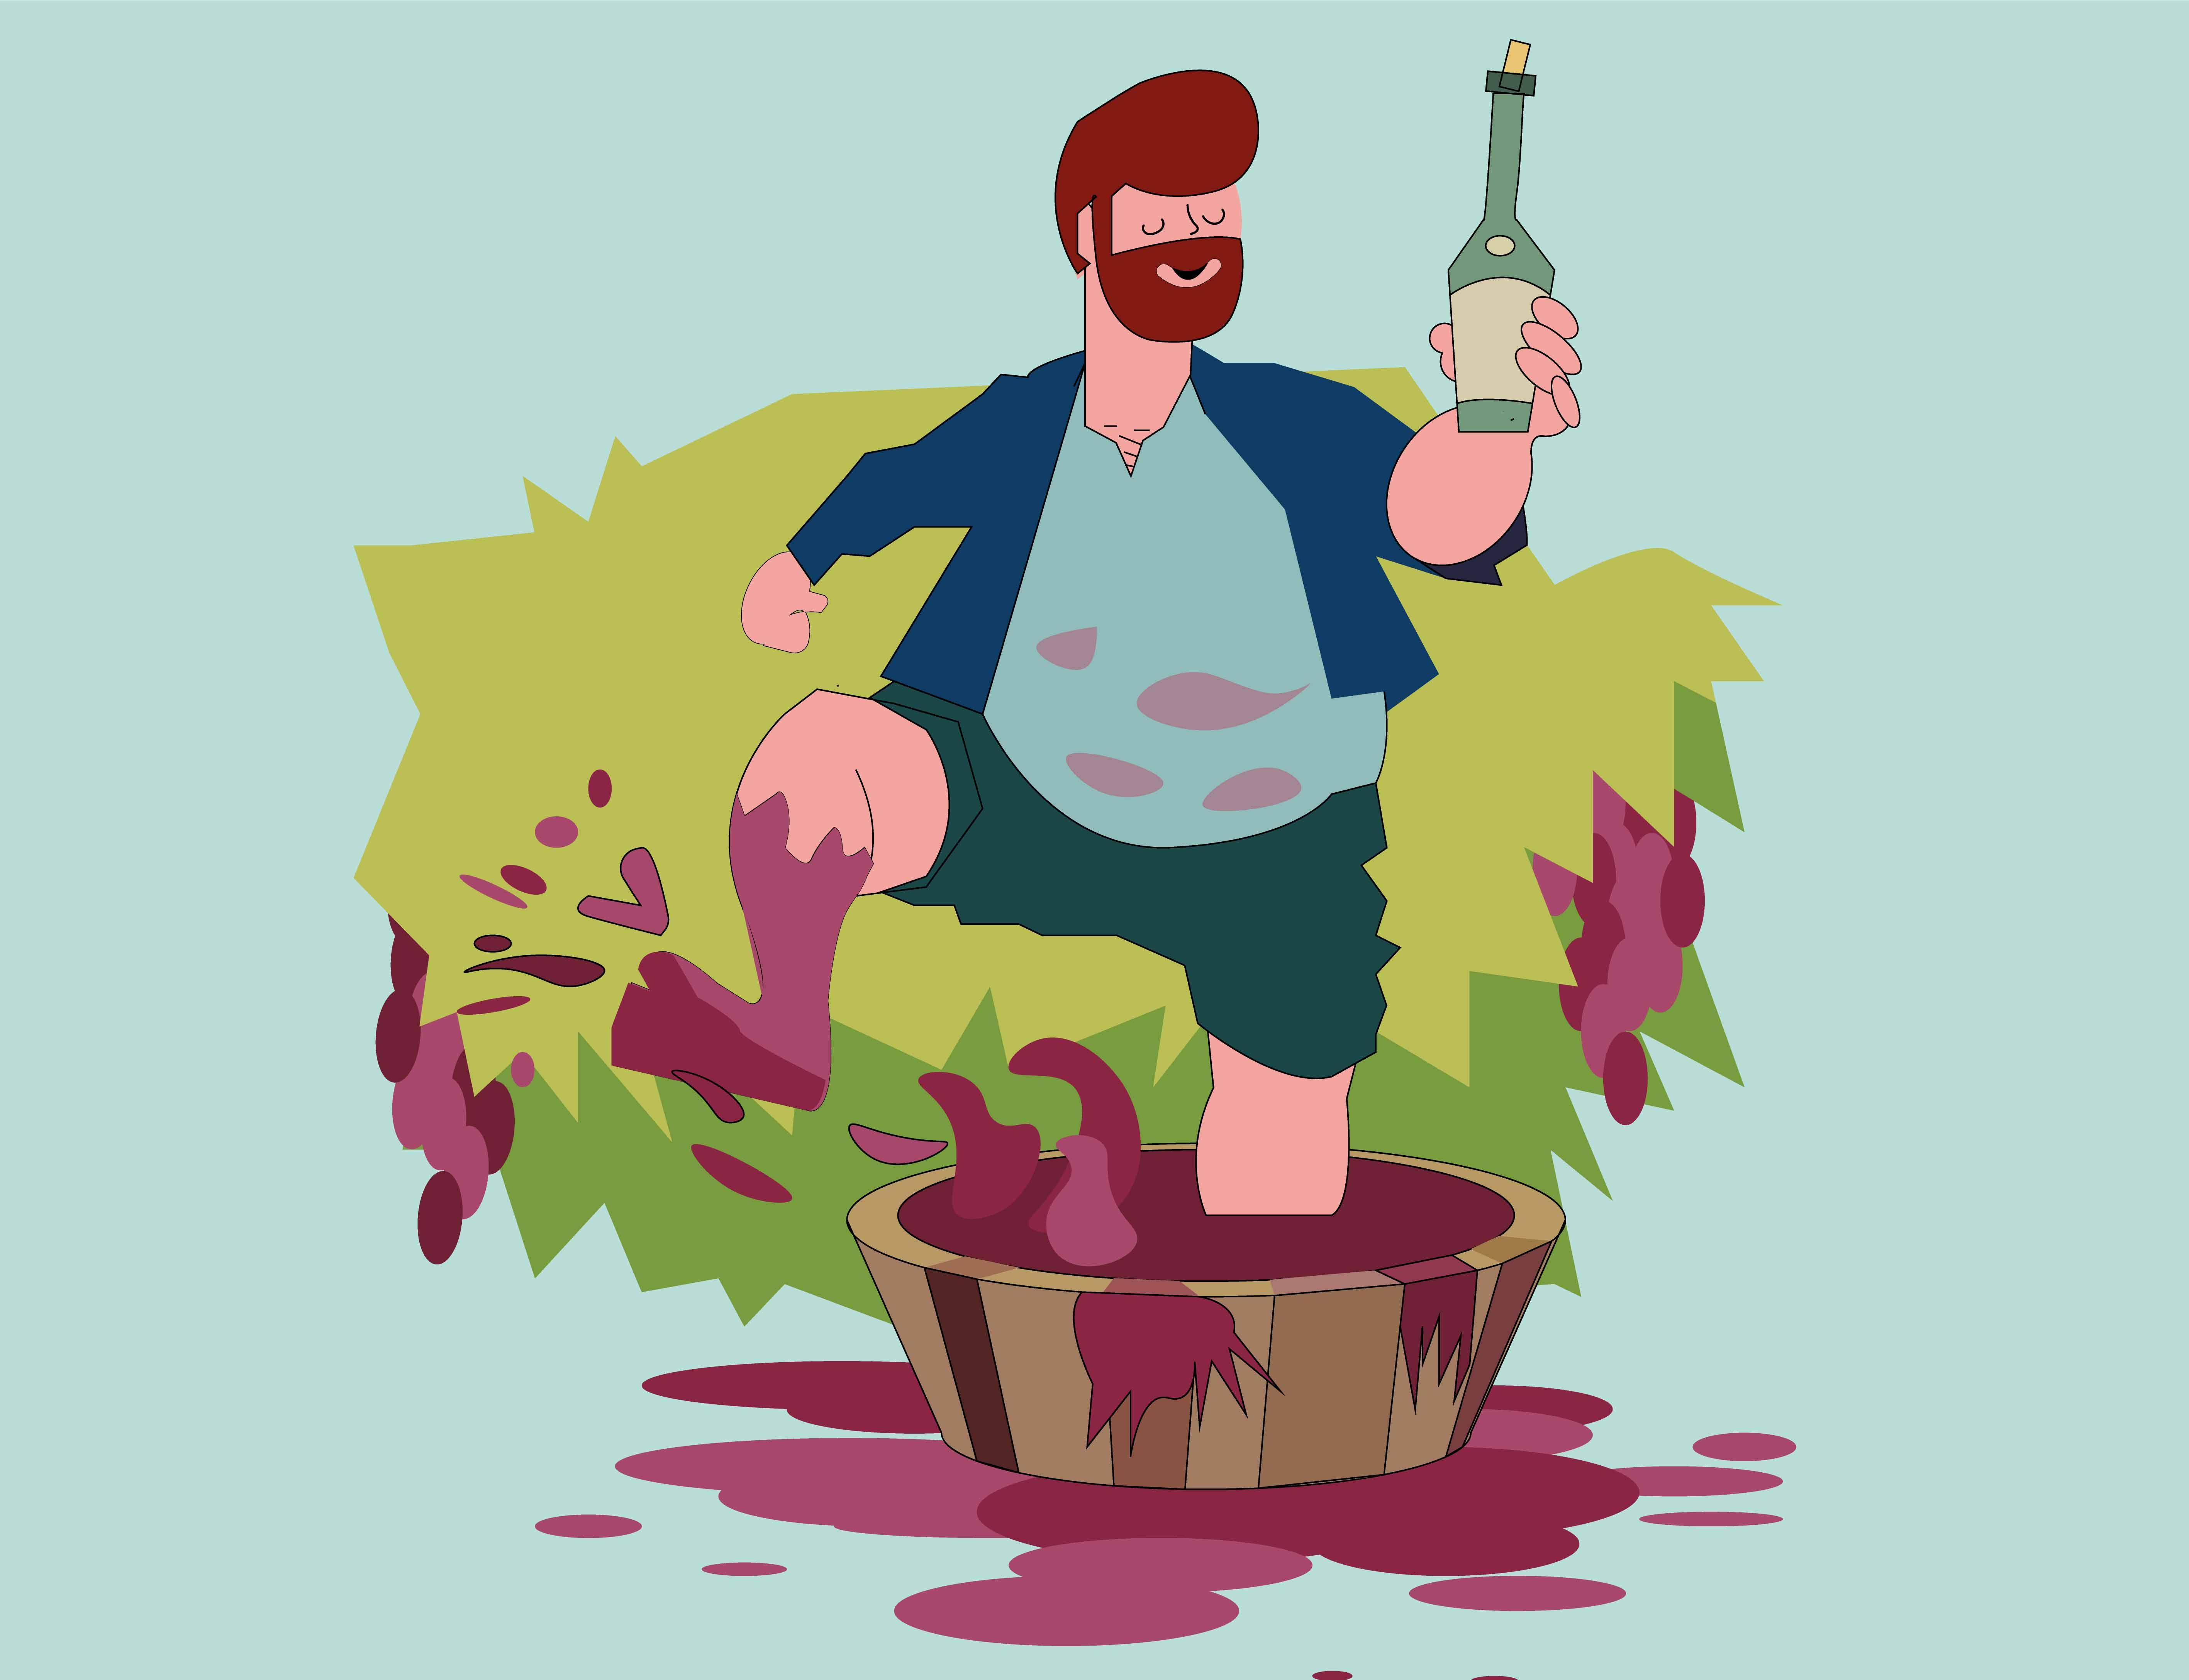 Le vin naturel, en avez-vous entendu parler ?